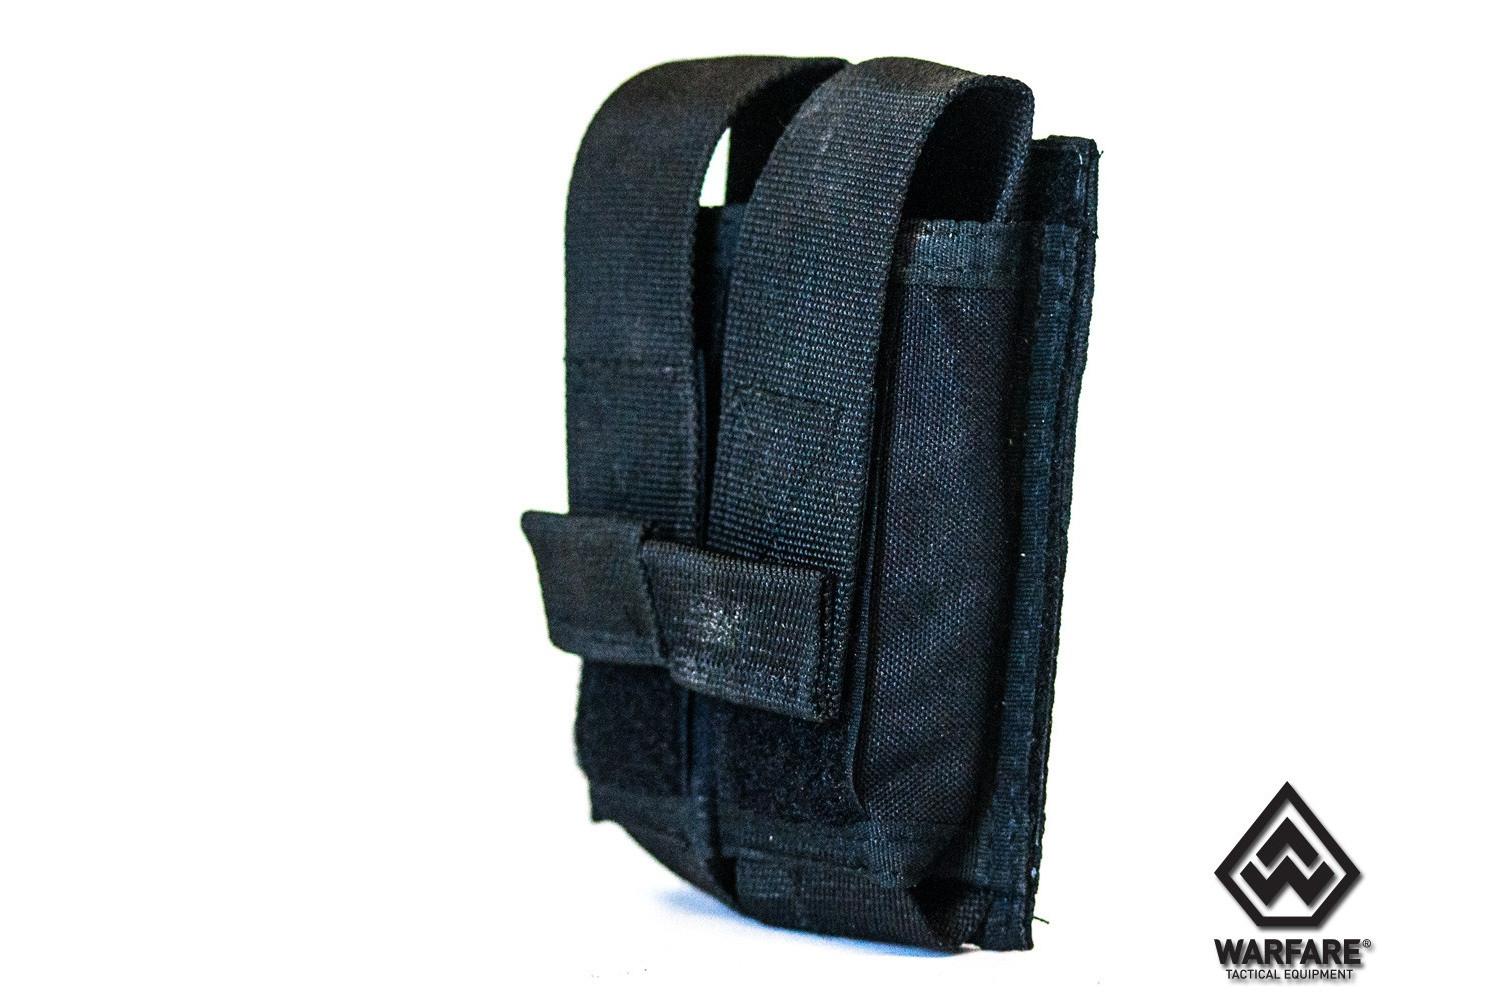 Porta Carregador Warfare 2 X Pistola - PRETO